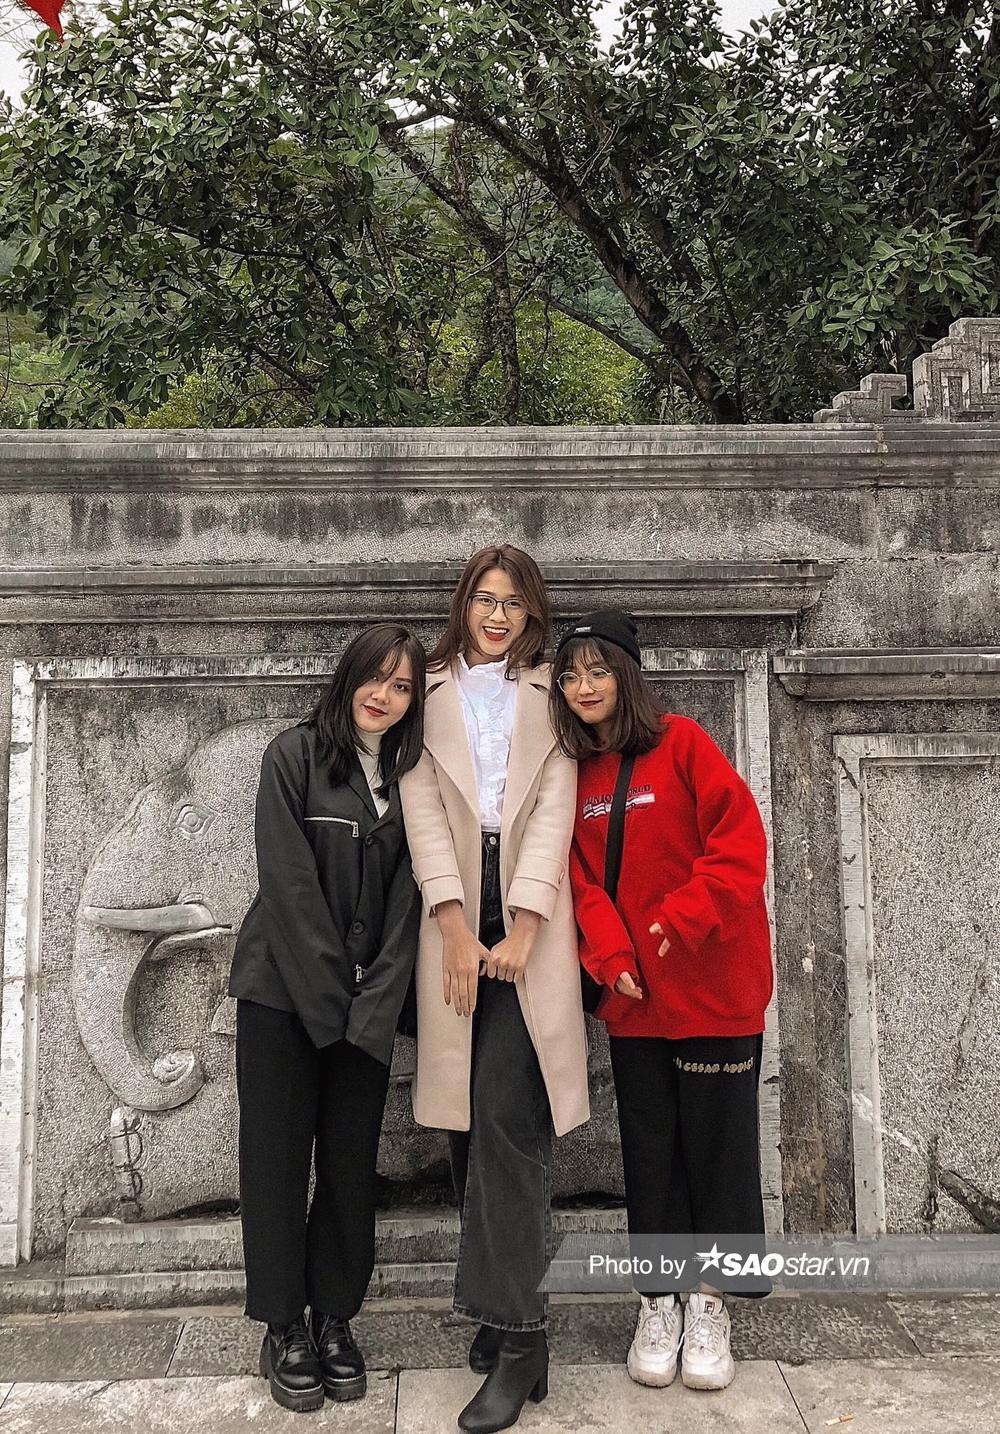 Bạn thân từ thời cấp 3 tiết lộ 'những điều đặc biệt' về tân Hoa hậu Việt Nam 2020 Đỗ Thị Hà Ảnh 4